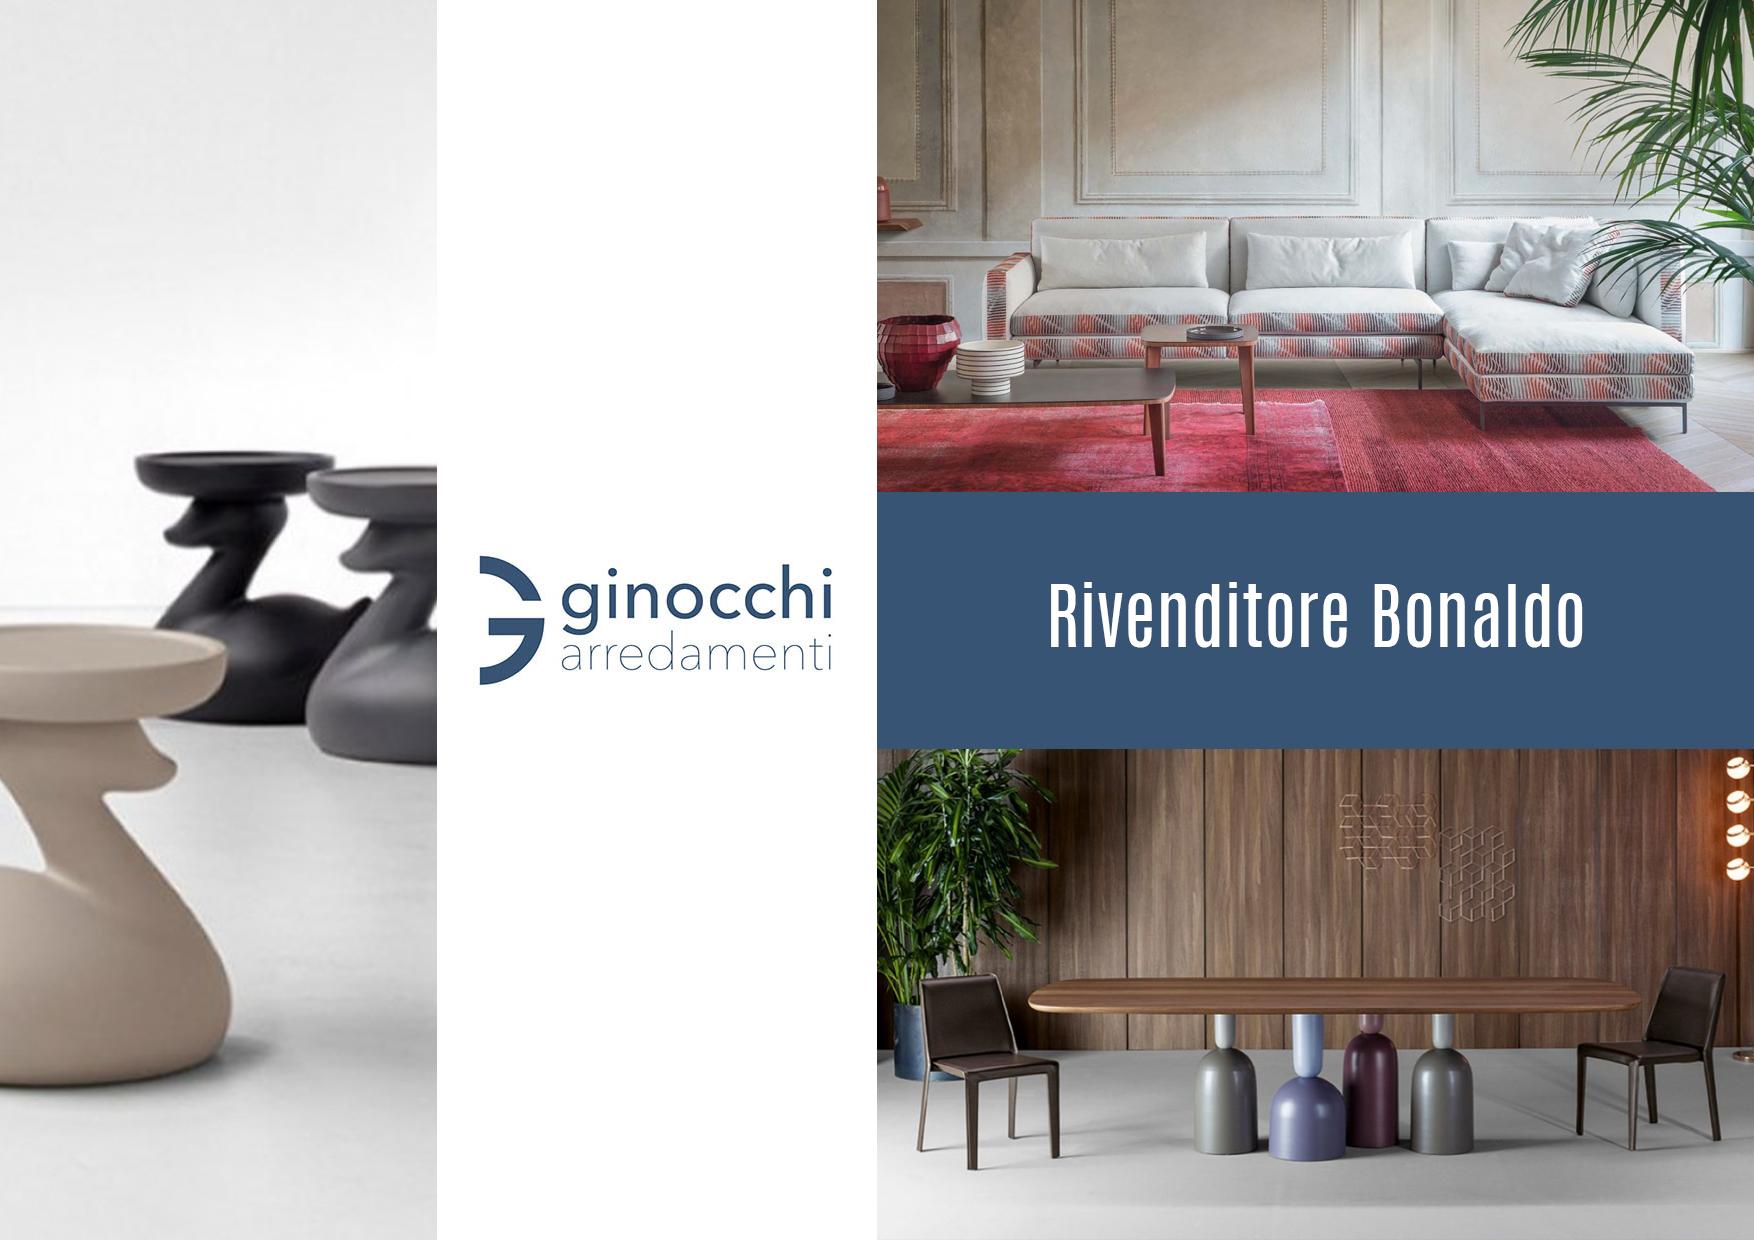 Rivenditore bonaldo a roma ginocchi arredamenti for Ginocchi arredamenti roma